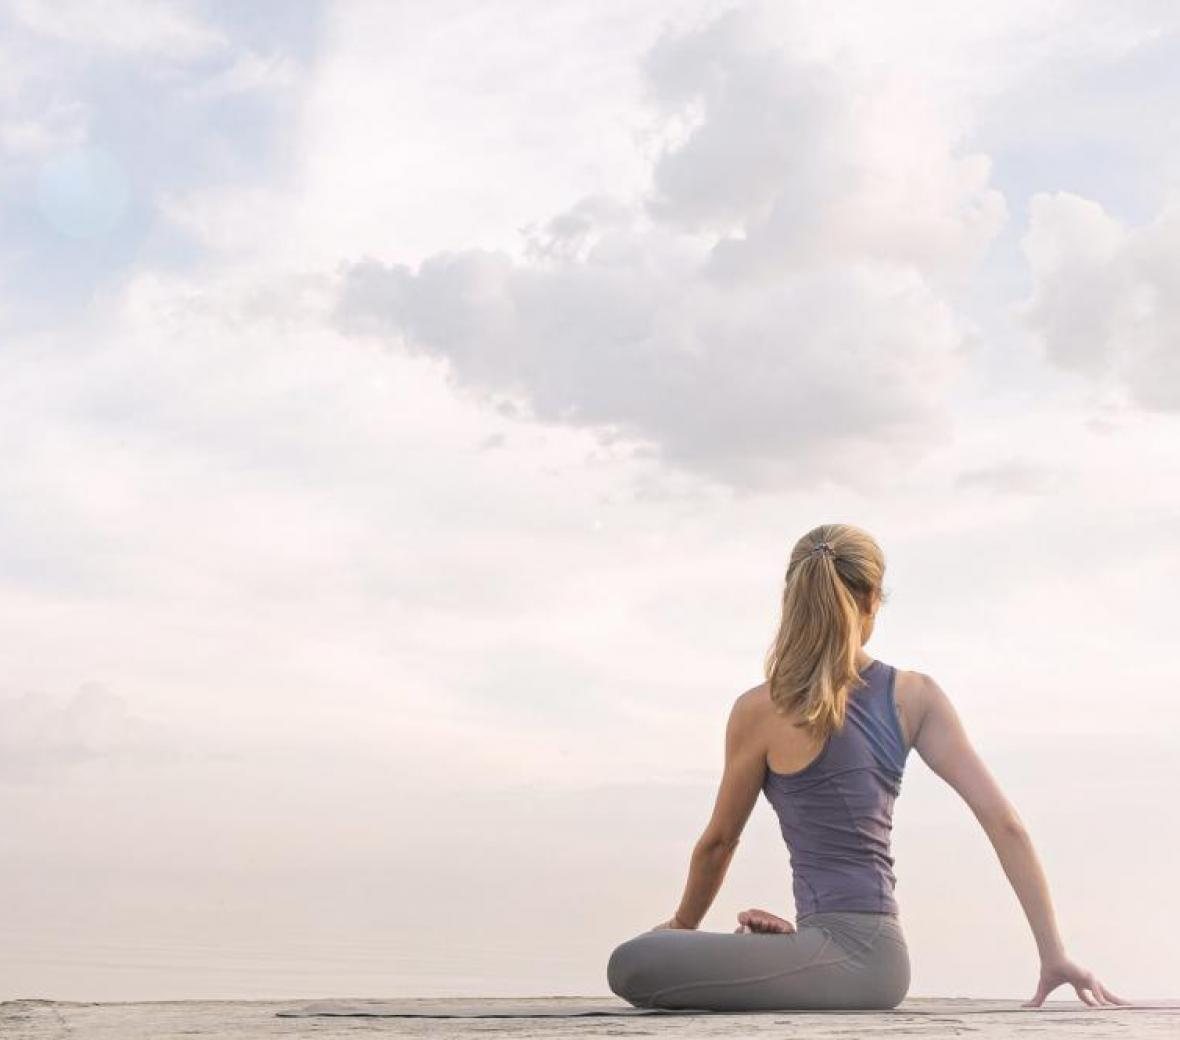 A woman doing yoga on a beach